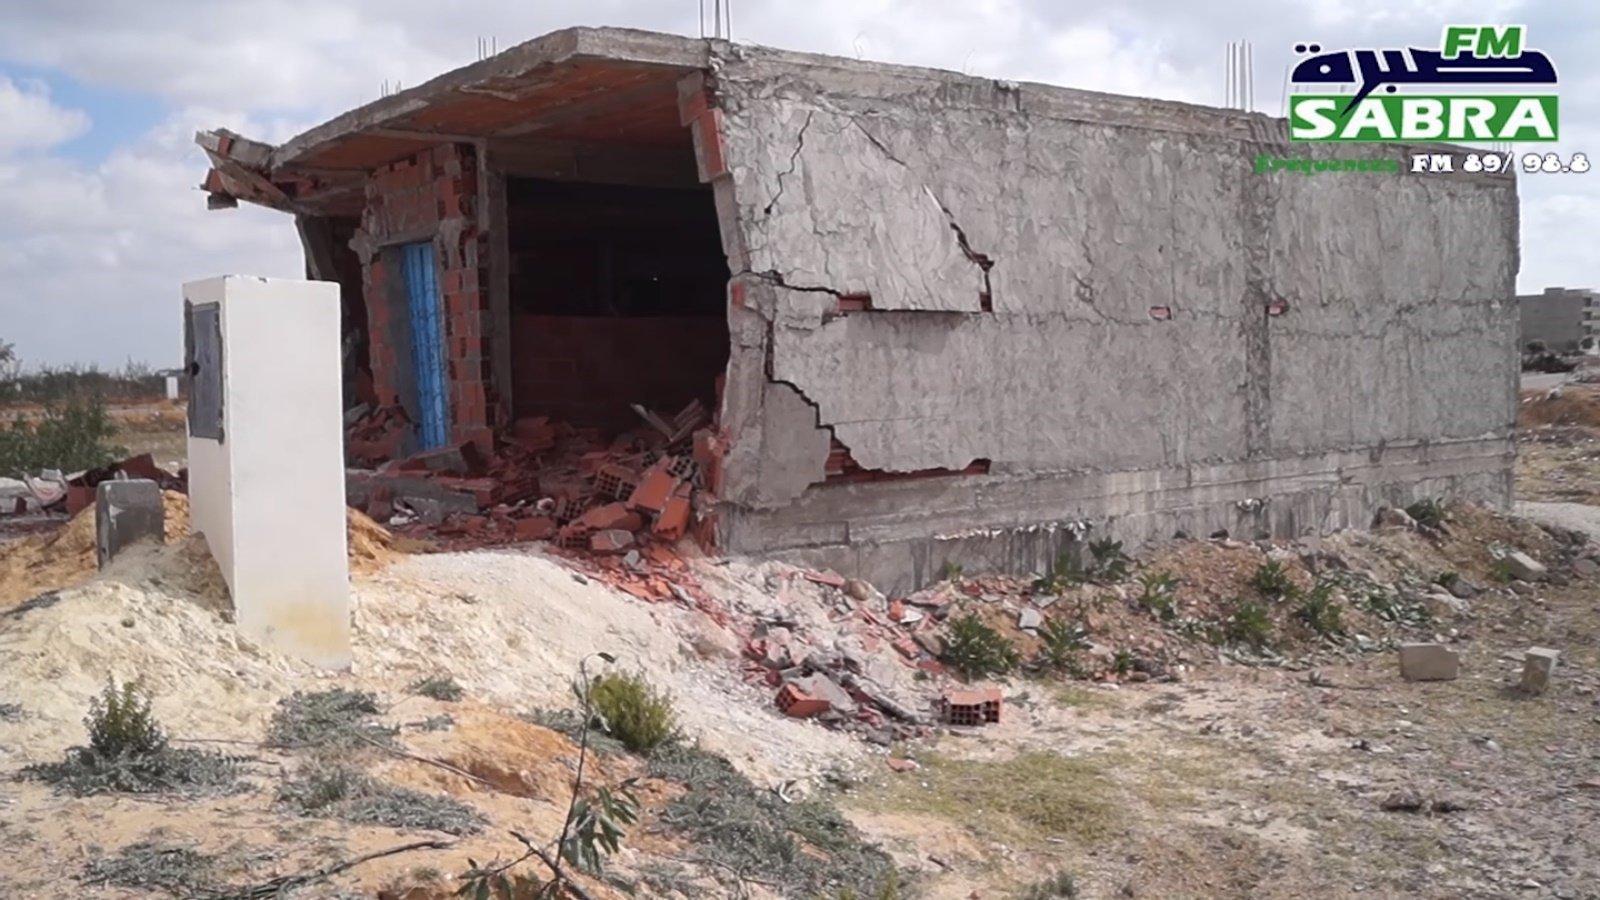 Kairouan: Une maison démolie par erreur? Le maire